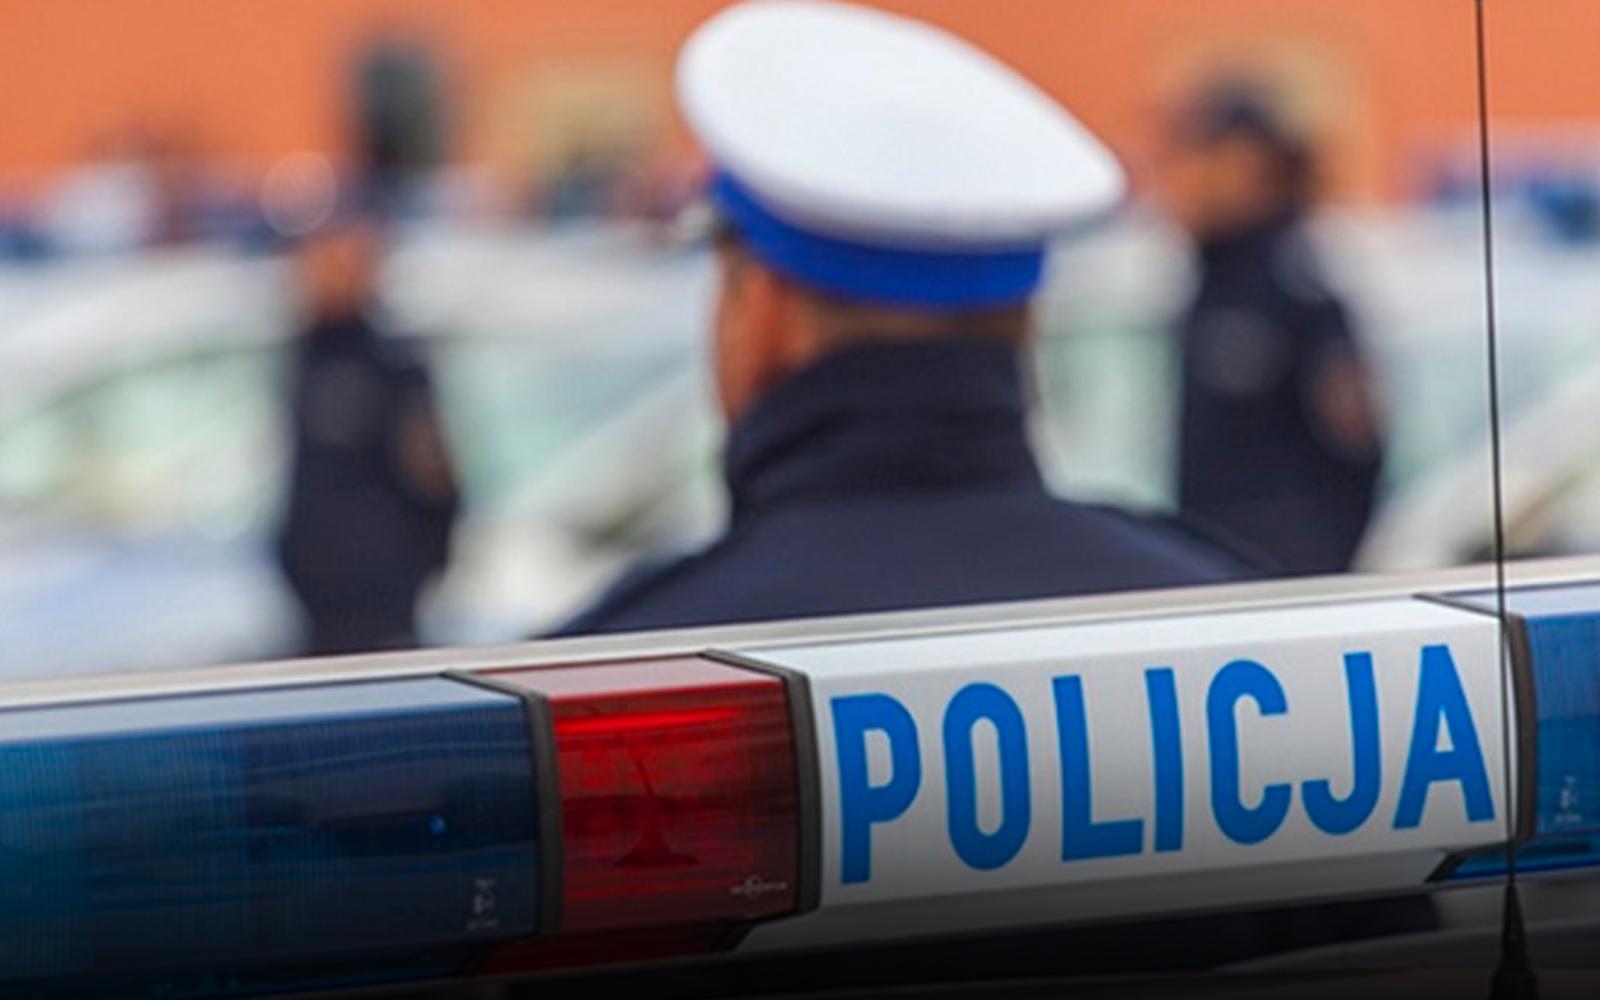 Полиция Польши — становление и развитие